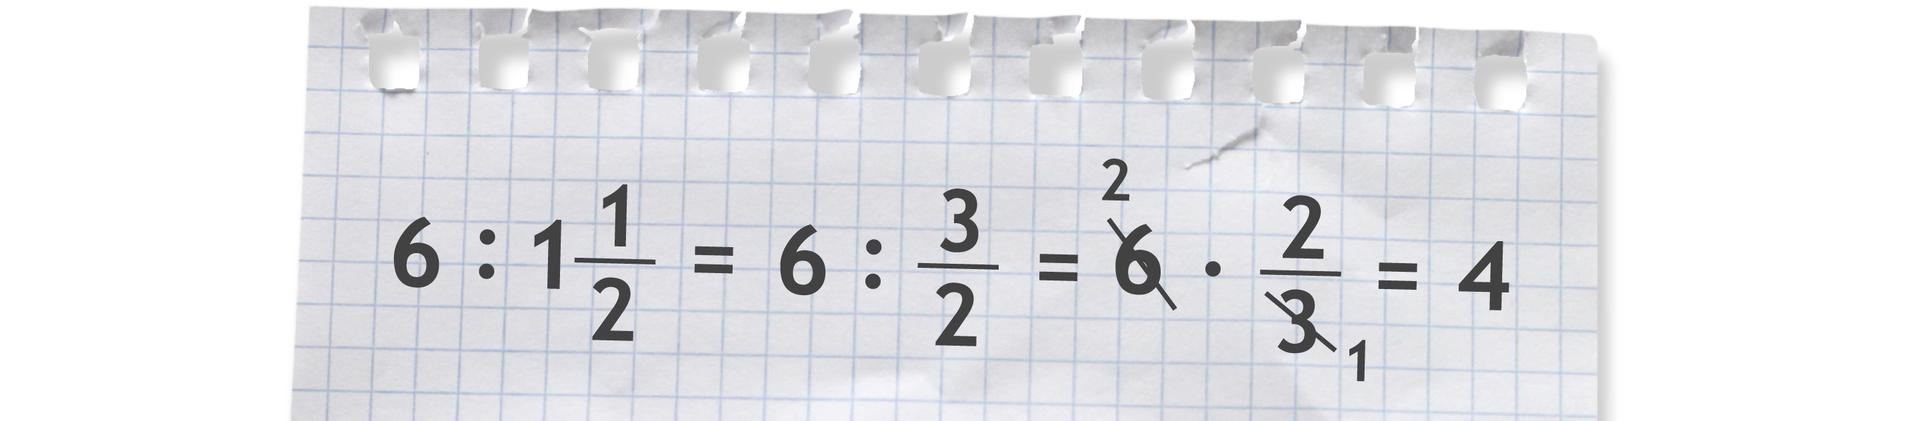 Przykład: 6 dzielone przez jeden ijedna druga równa się 6 dzielone przez trzy drugie równa się 6 razy dwie trzecie =4.